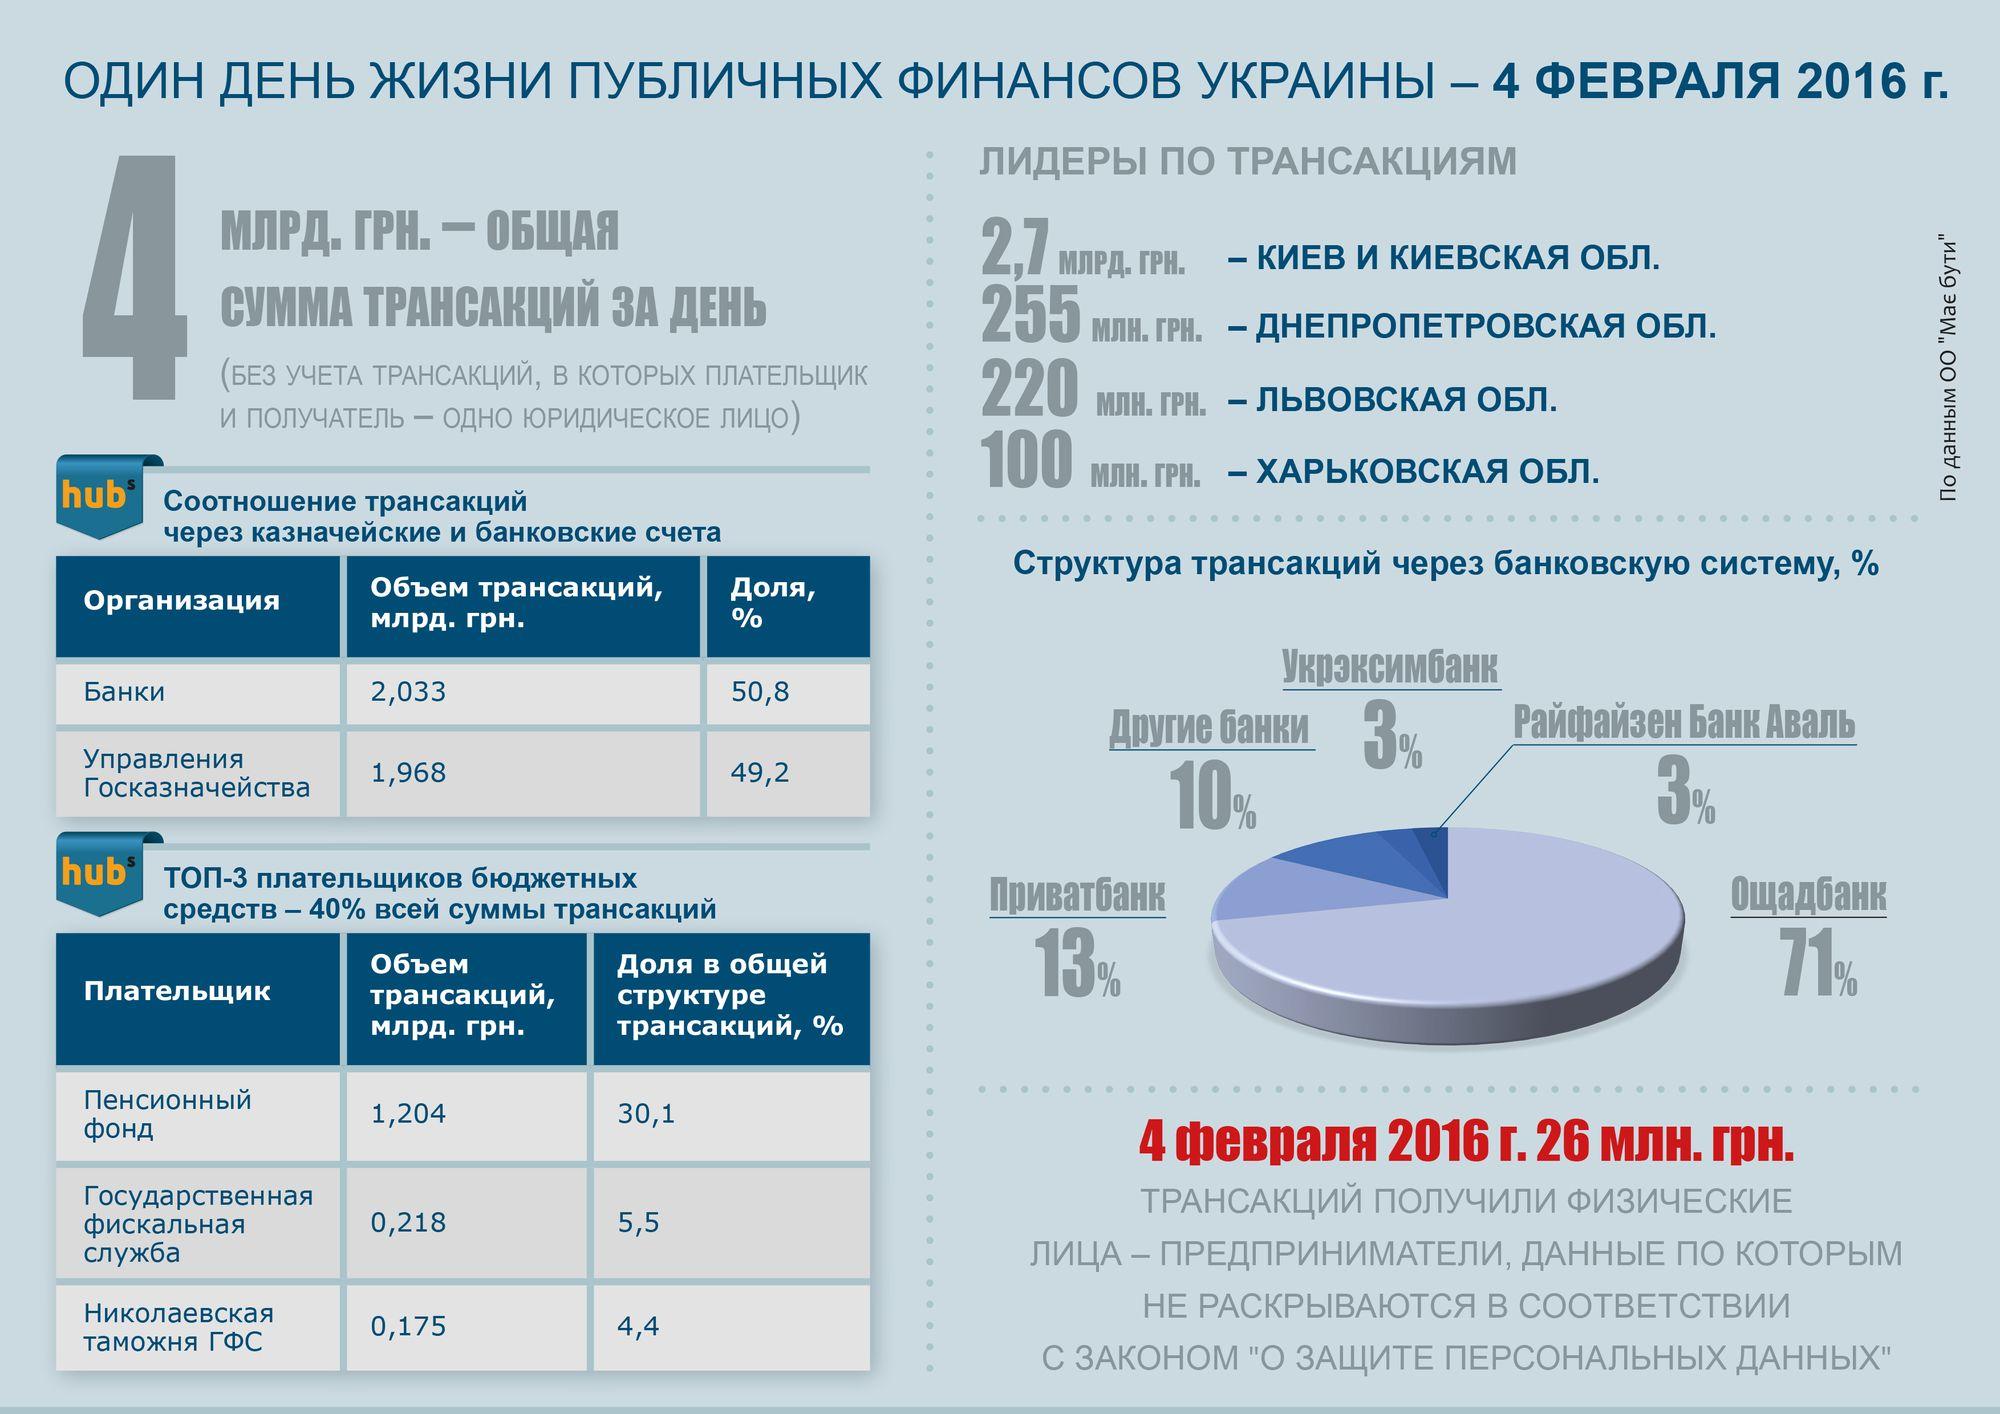 Один день из жизни публичных финансов Украины